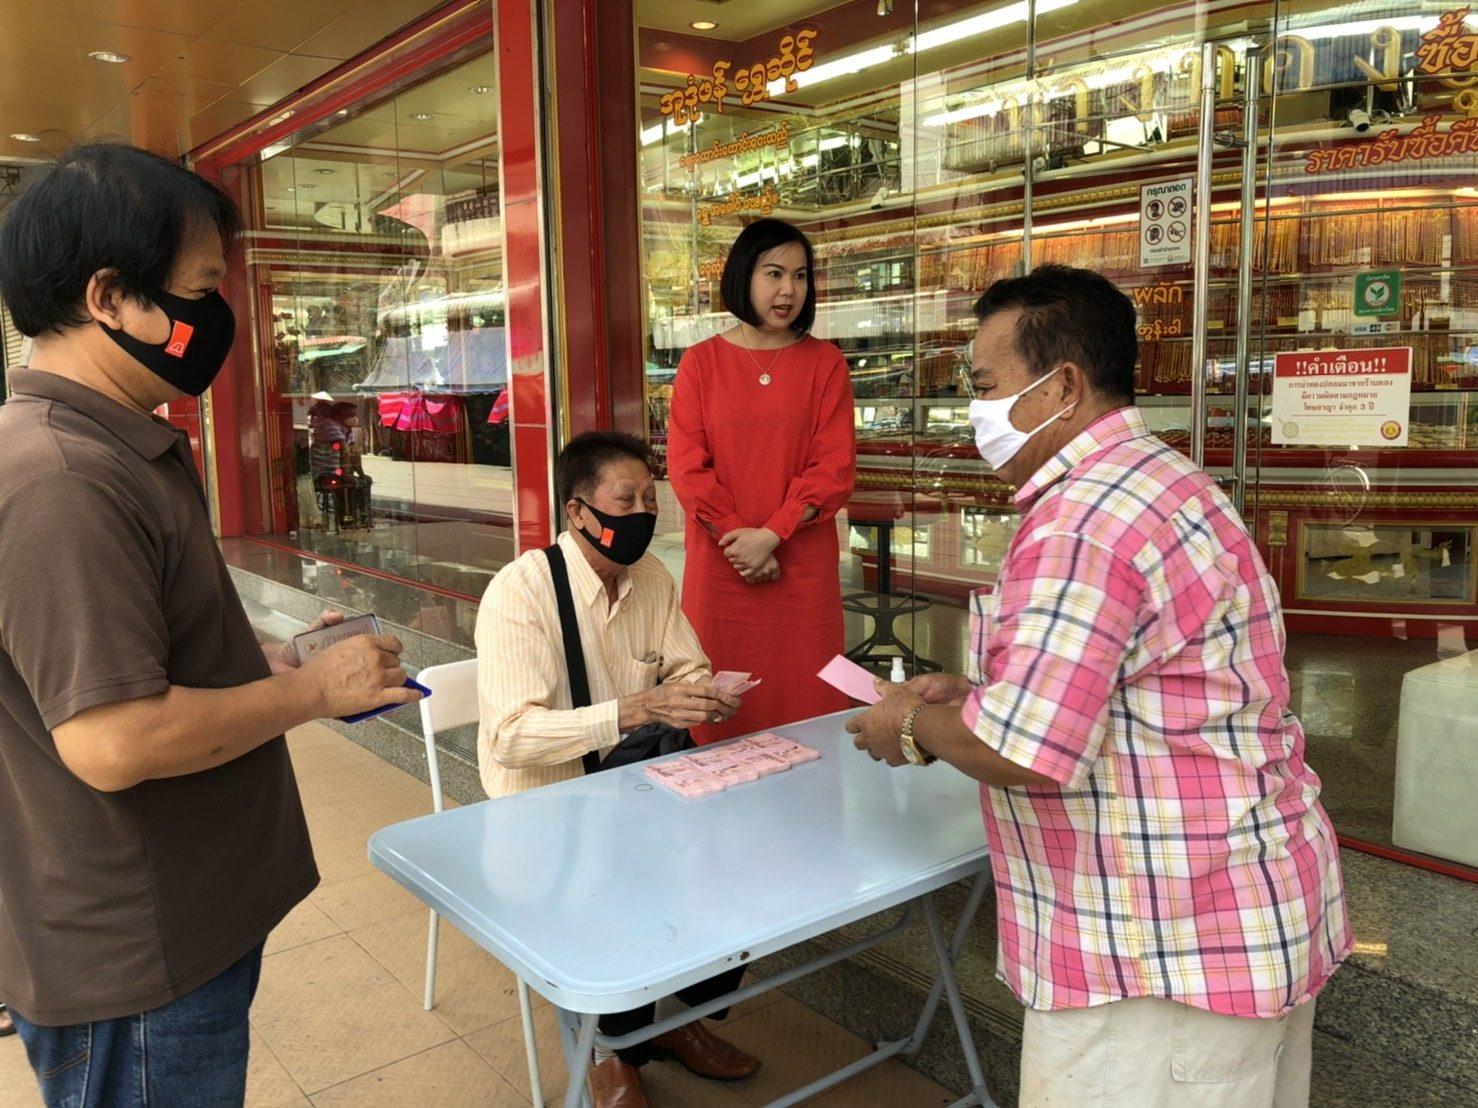 เศรษฐีแม่สอดใจดี แจกเงินคนไทย-เมียนมา คนละ 200 บาท คนขับวินจยย.รับ 500บ.